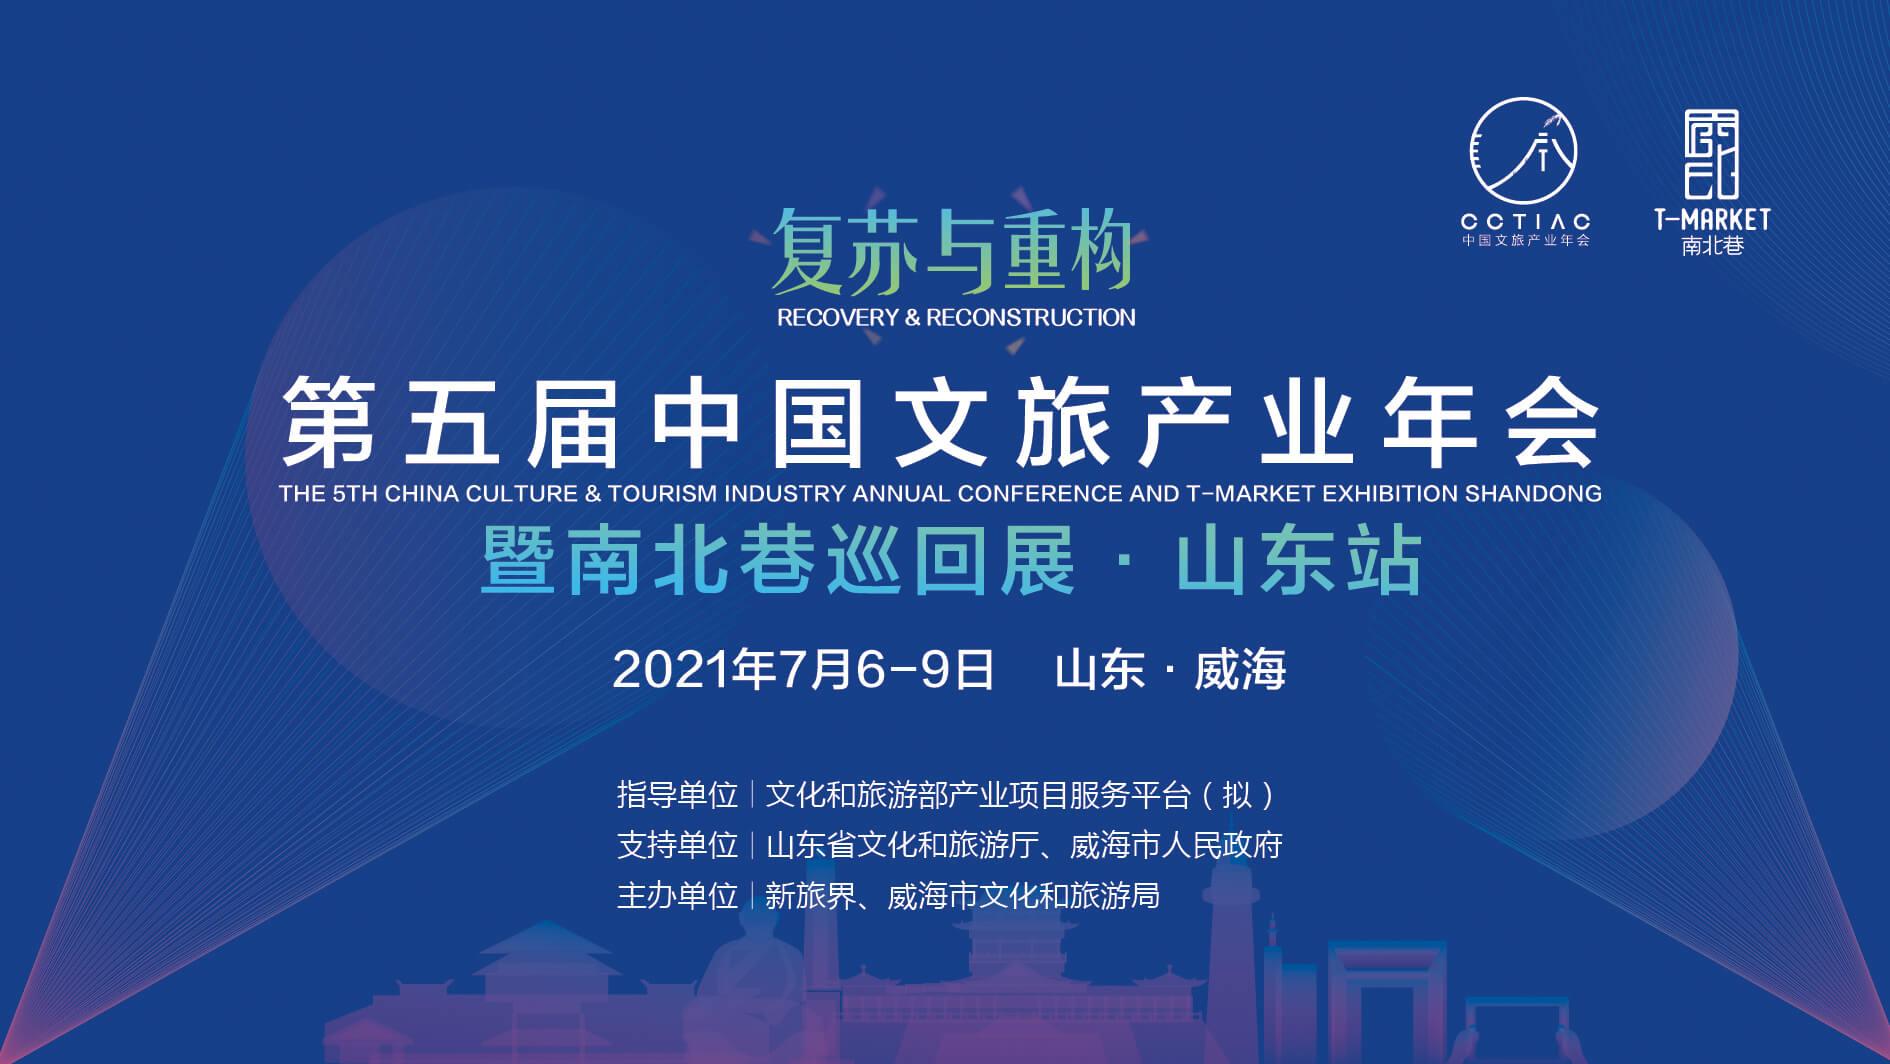 第五屆中國文旅產業年會暨南北巷巡回展·山東站